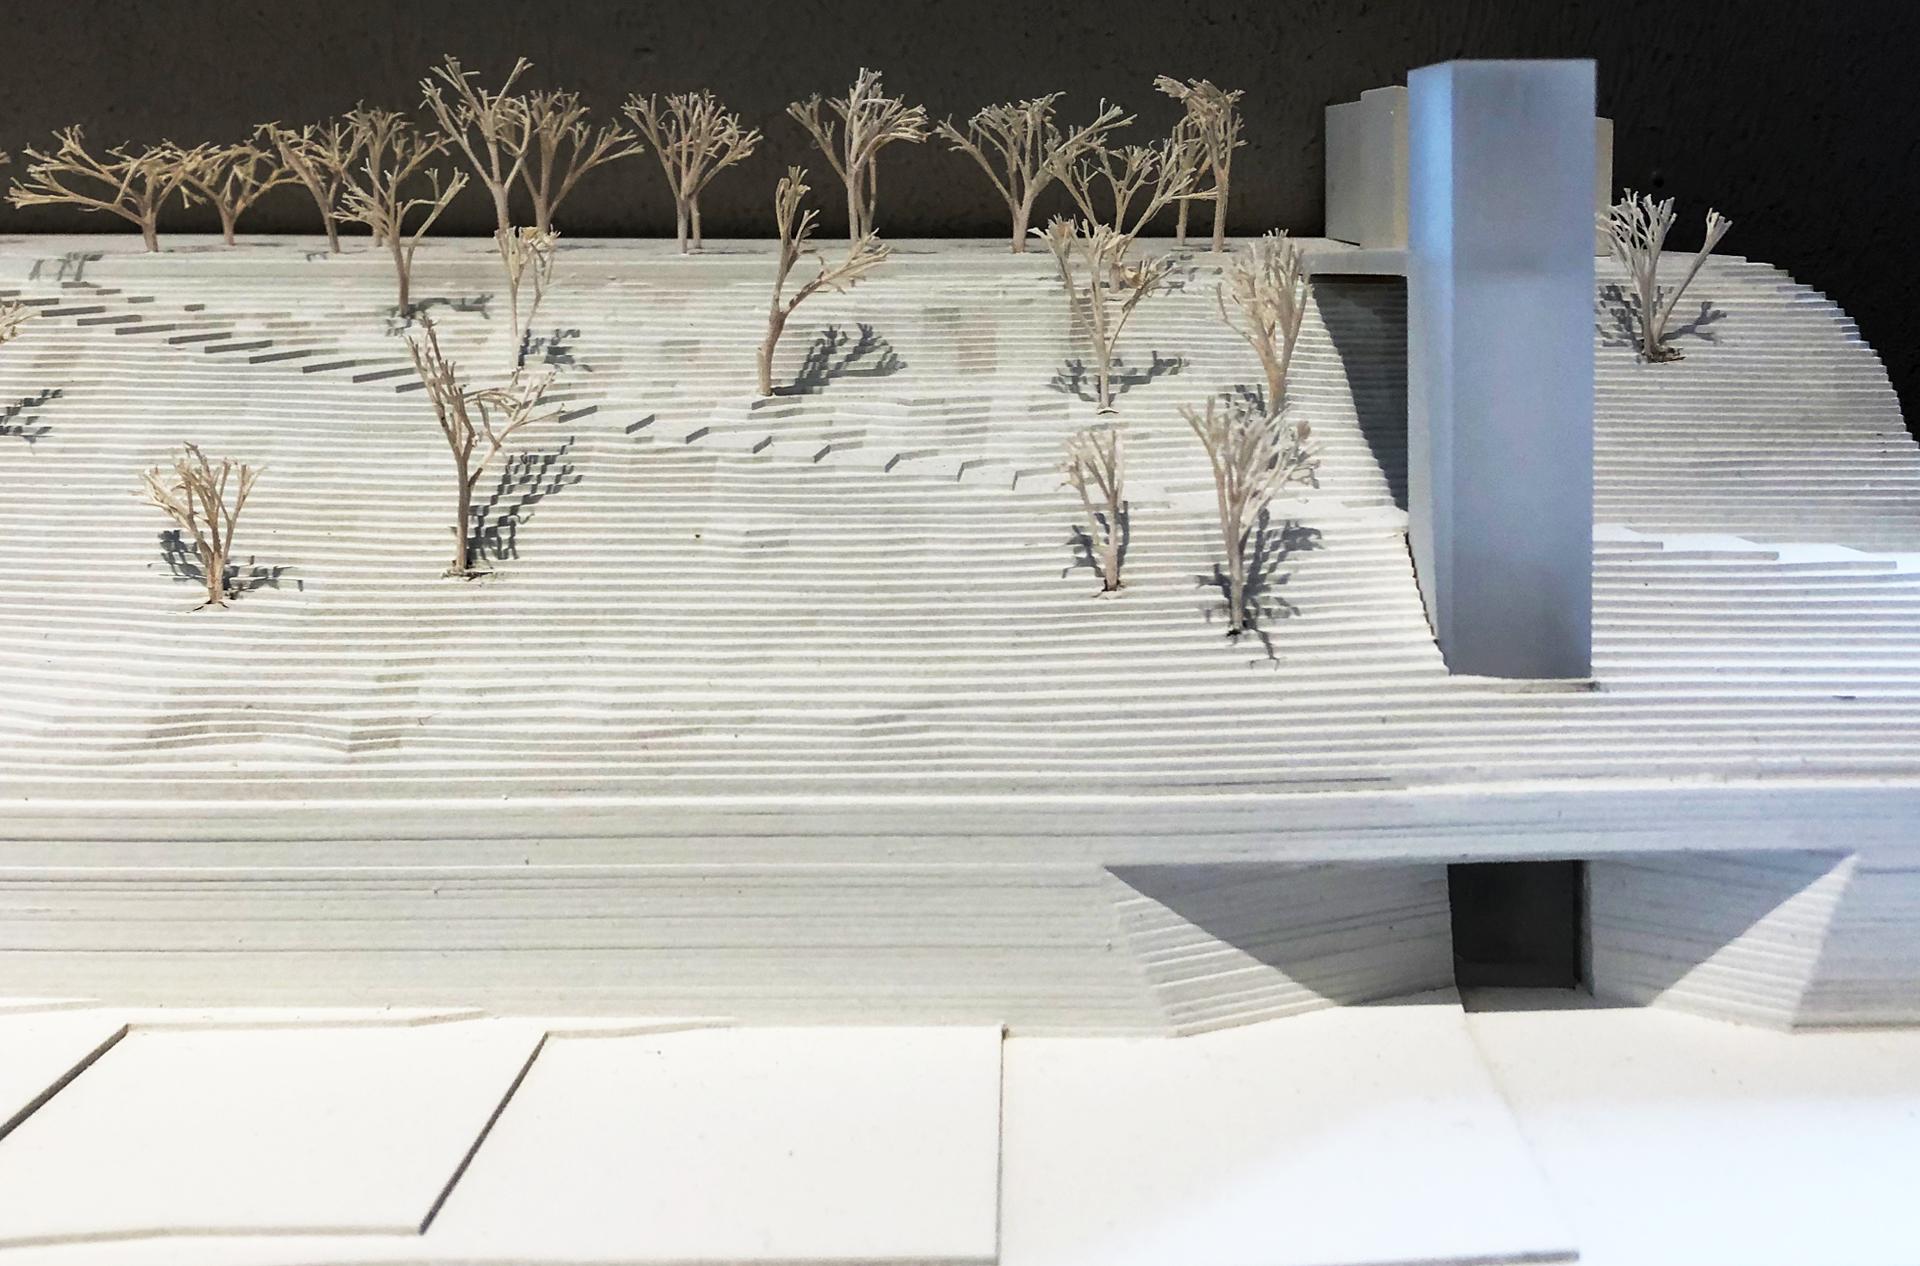 3. Preis - Architekturbüro Grellmann Kriebel Teichmann aus Würzburg